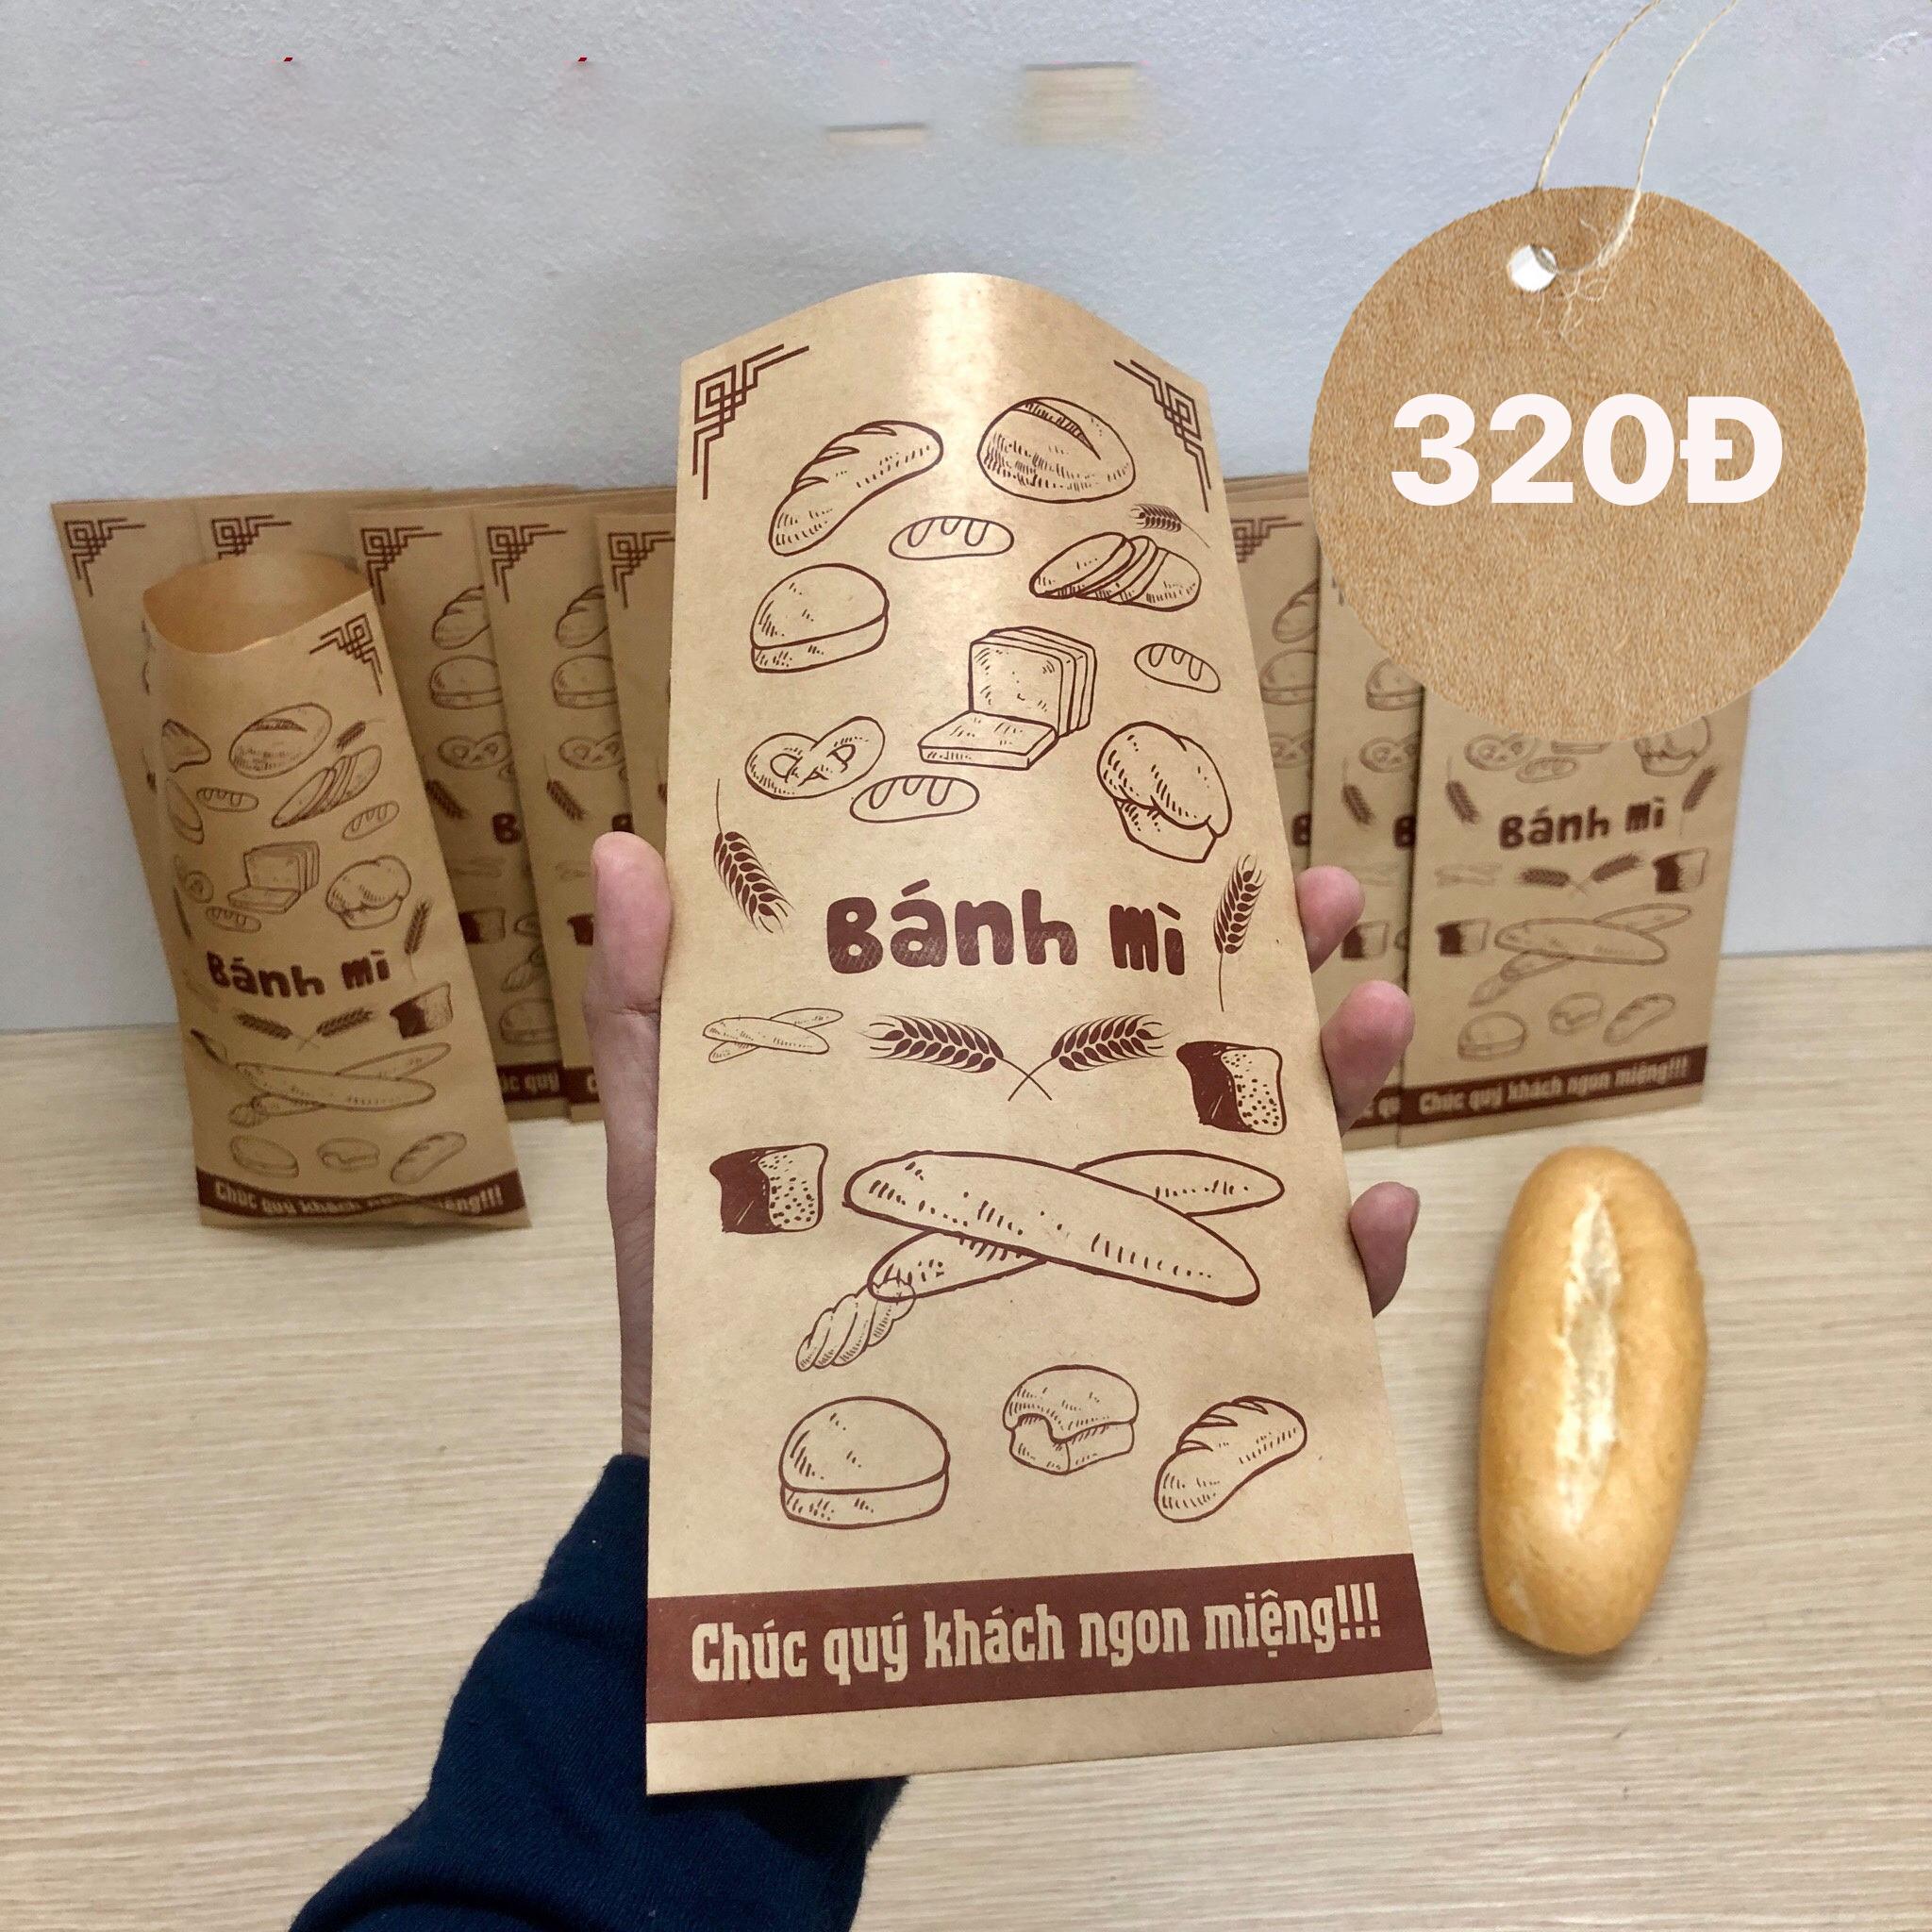 Ngày bán cả trăm đơn với 6 mẫu hộp đựng thức ăn mang về dành riêng cho các shop bán đồ ăn online - Ảnh 12.